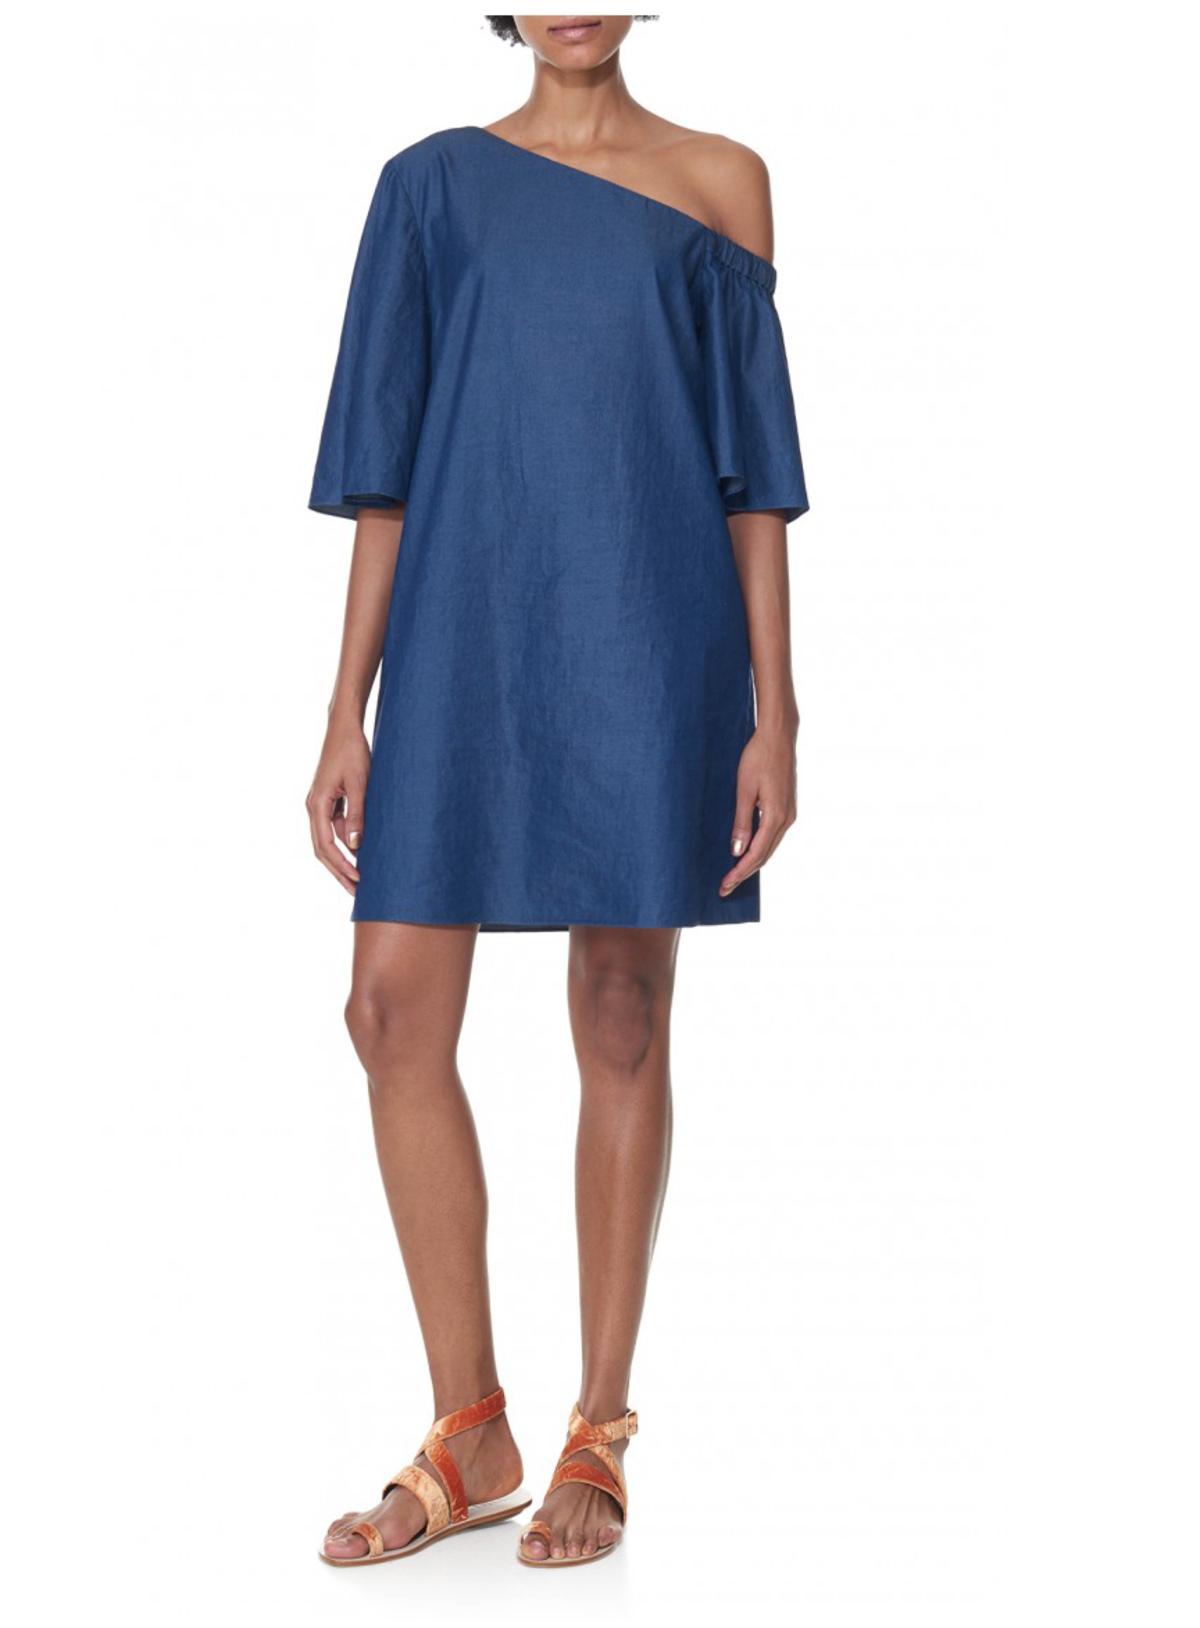 c93af5b128 Tibi One Shoulder Dress - Denim